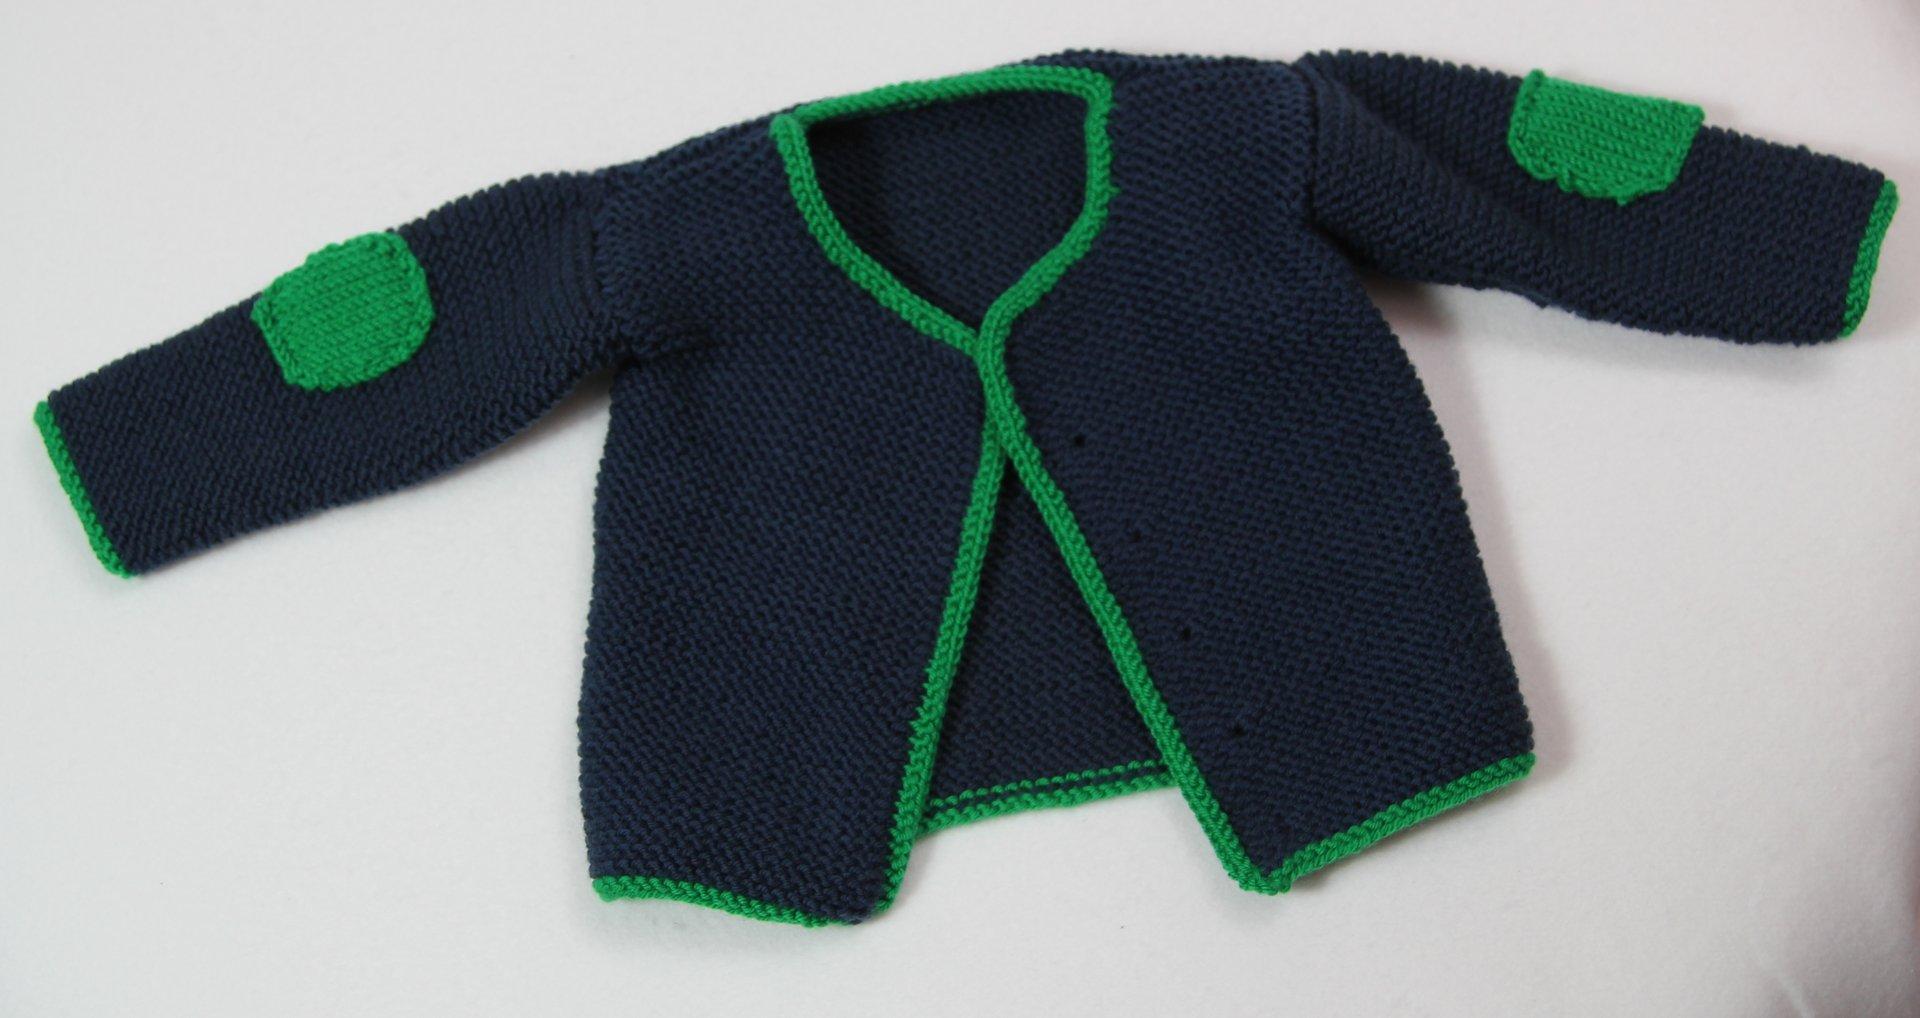 Babyjacke stricken 62 68 anleitung kostenlos